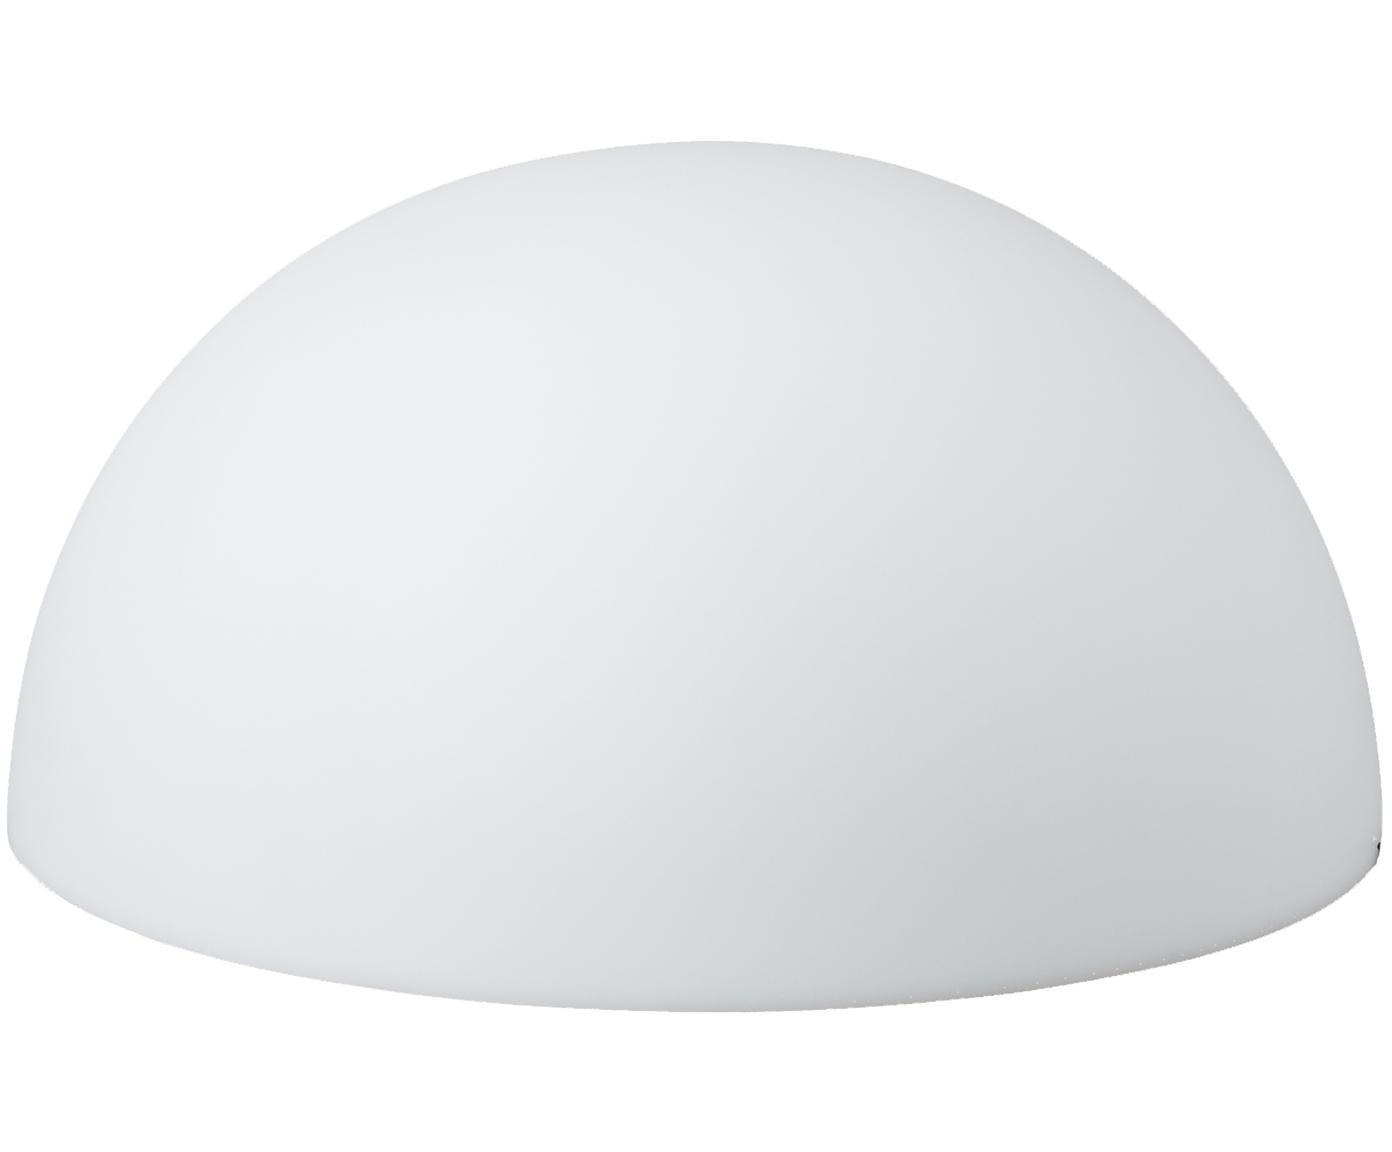 Zewnętrzna lampa podłogowa z wtyczką Mezzo, Tworzywo sztuczne, Biały, Ø 65 x W 32 cm